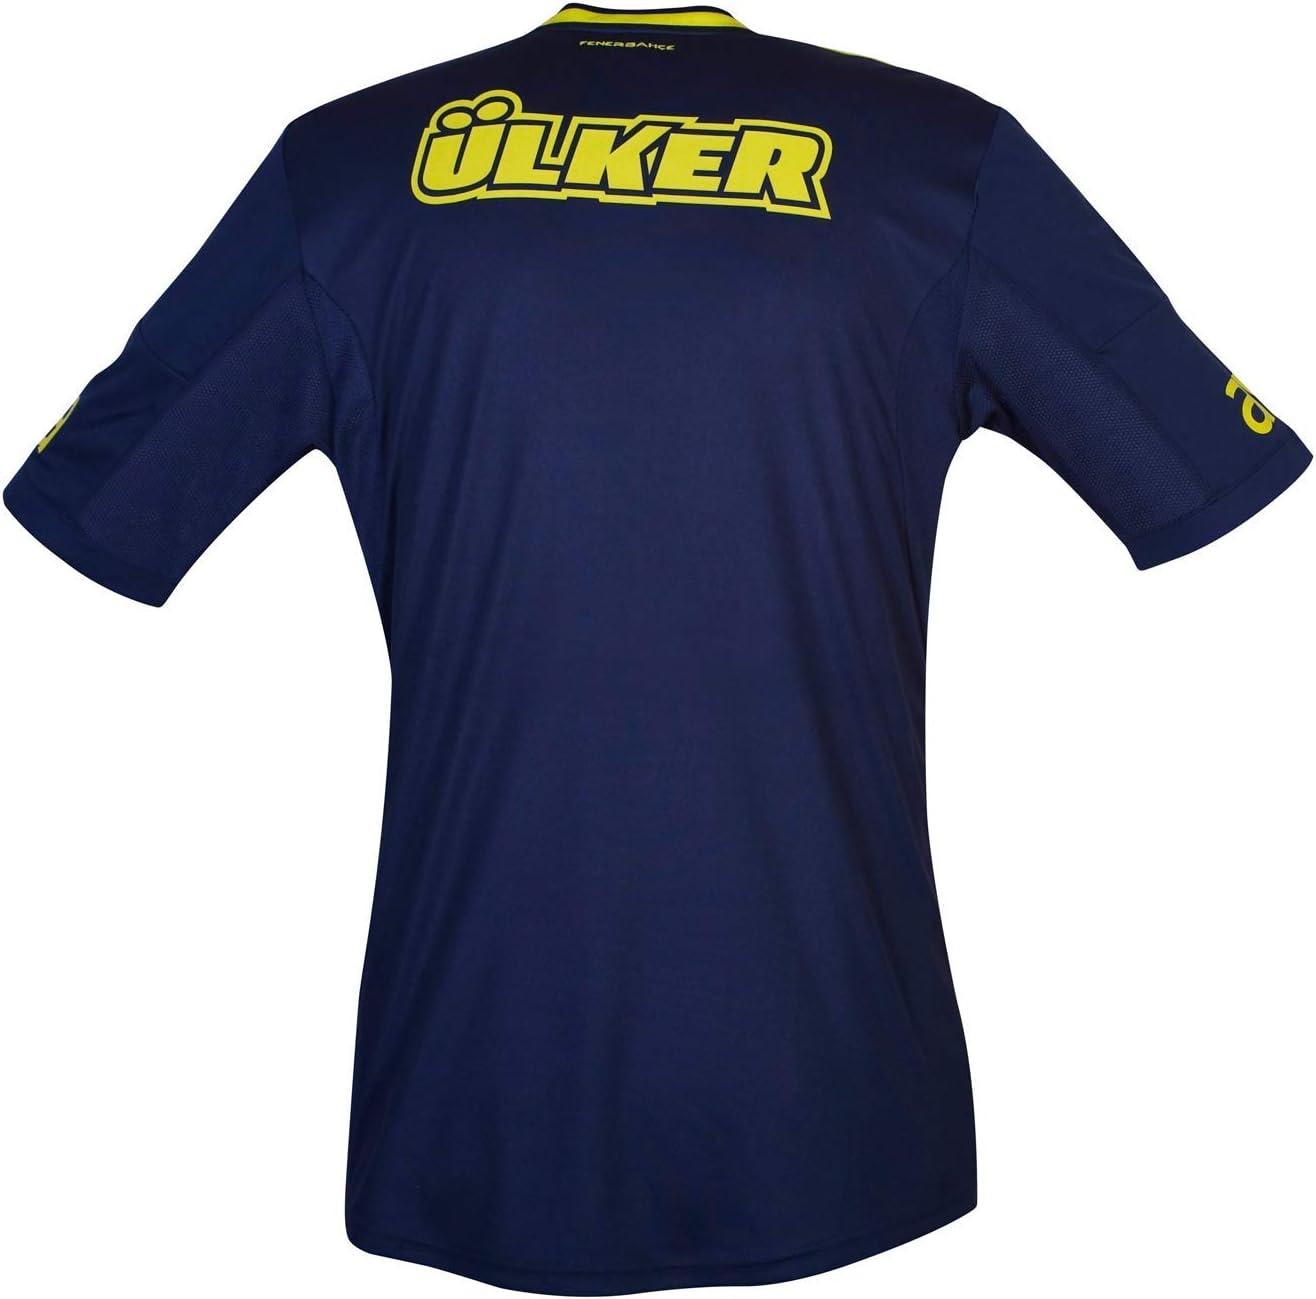 2012-2013 Fenerbahce Adidas Third Football Shirt: Amazon.es: Ropa y accesorios